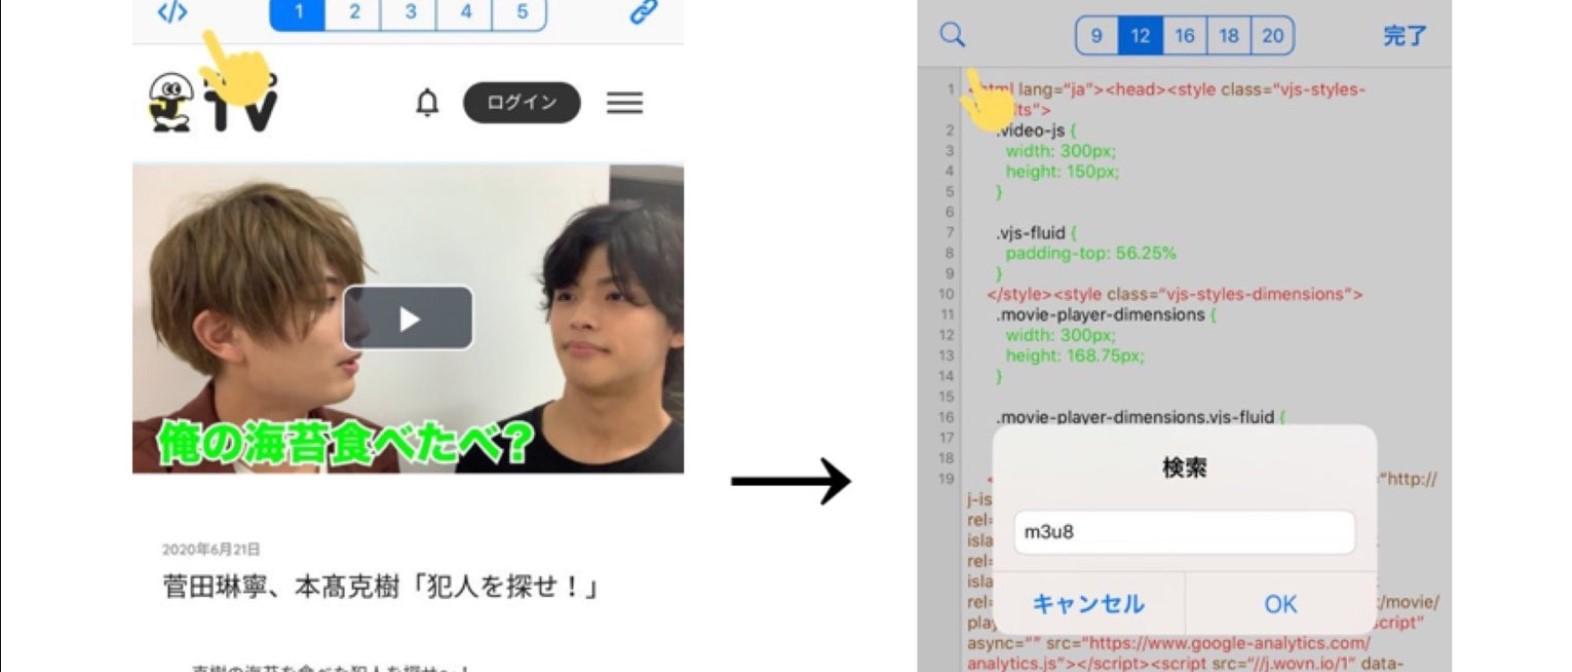 iPhone-m3u8-url-抽出